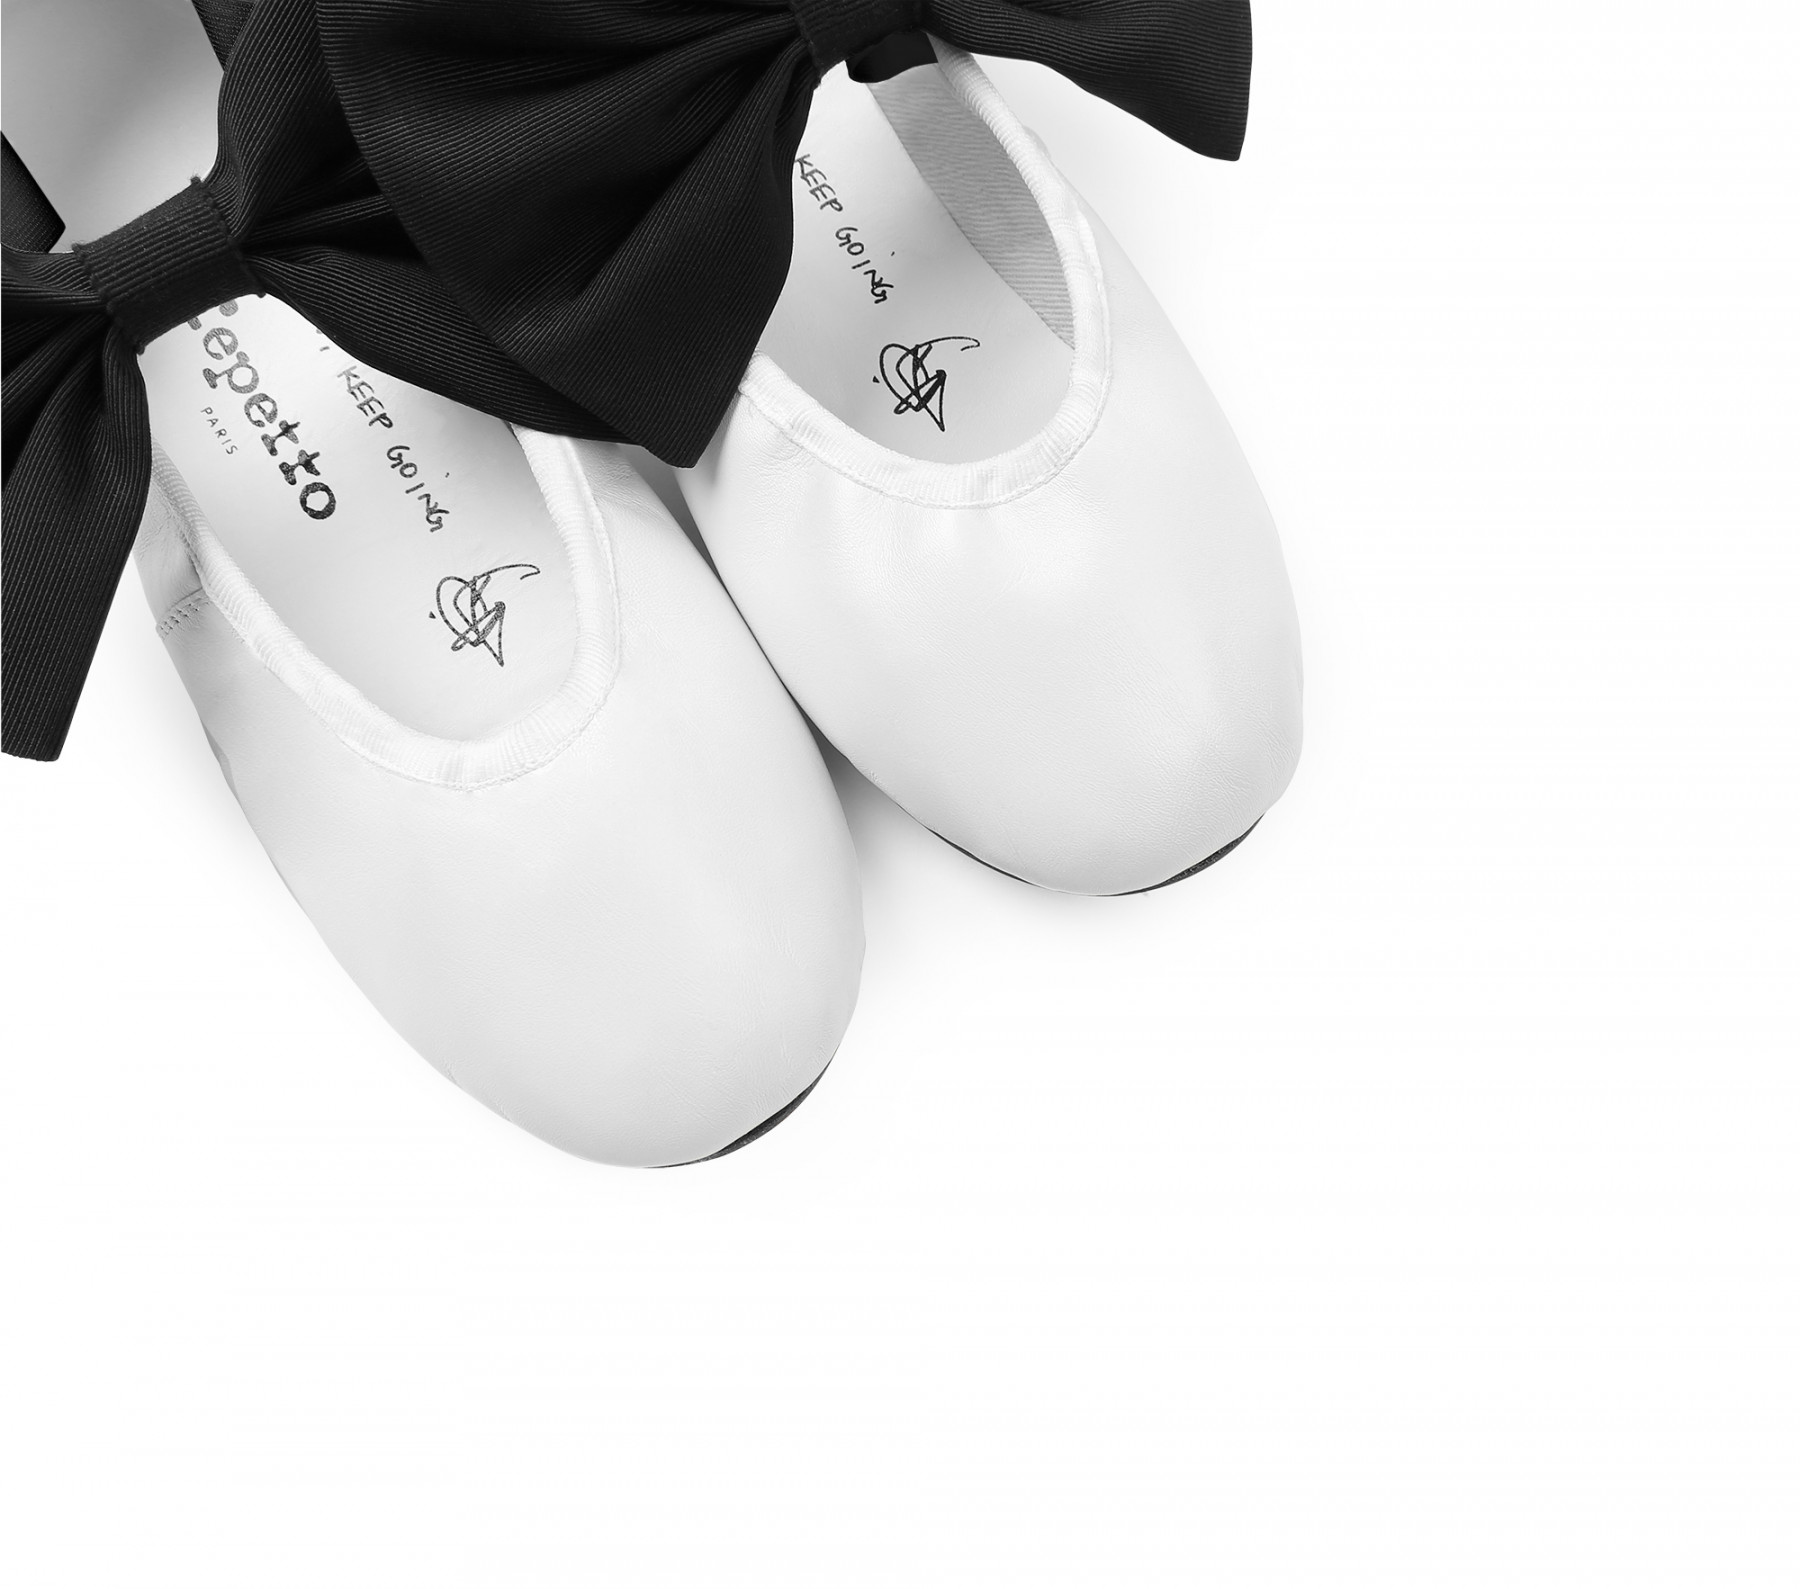 Ballerines Sophia by SIA